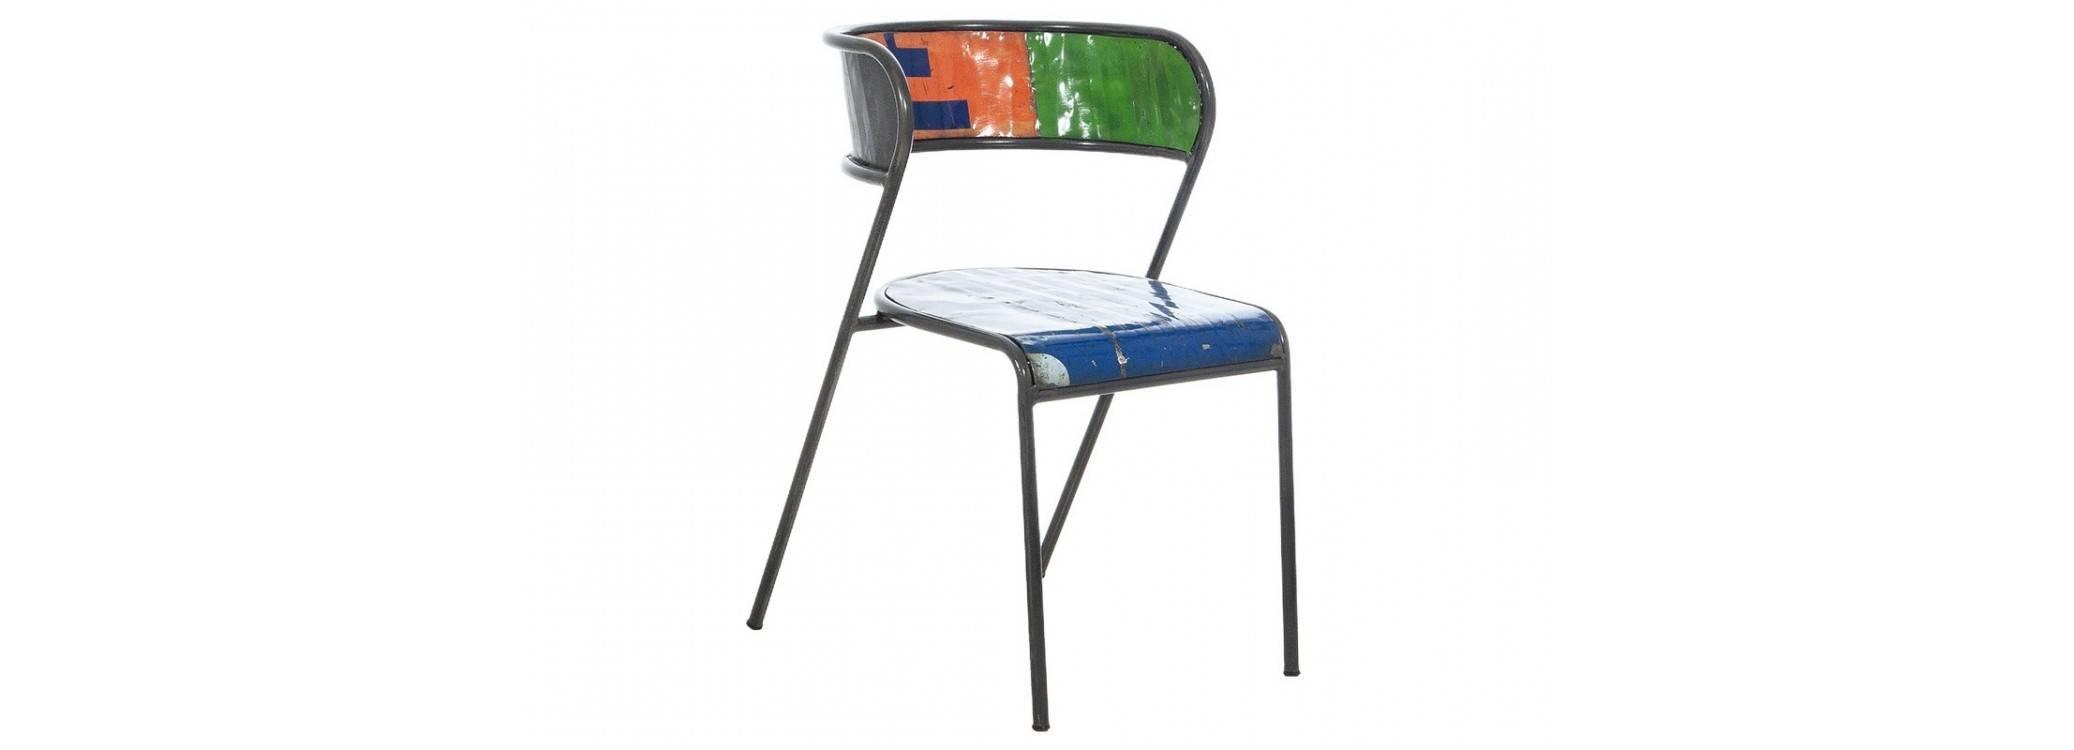 Chaise en bidon recyclé